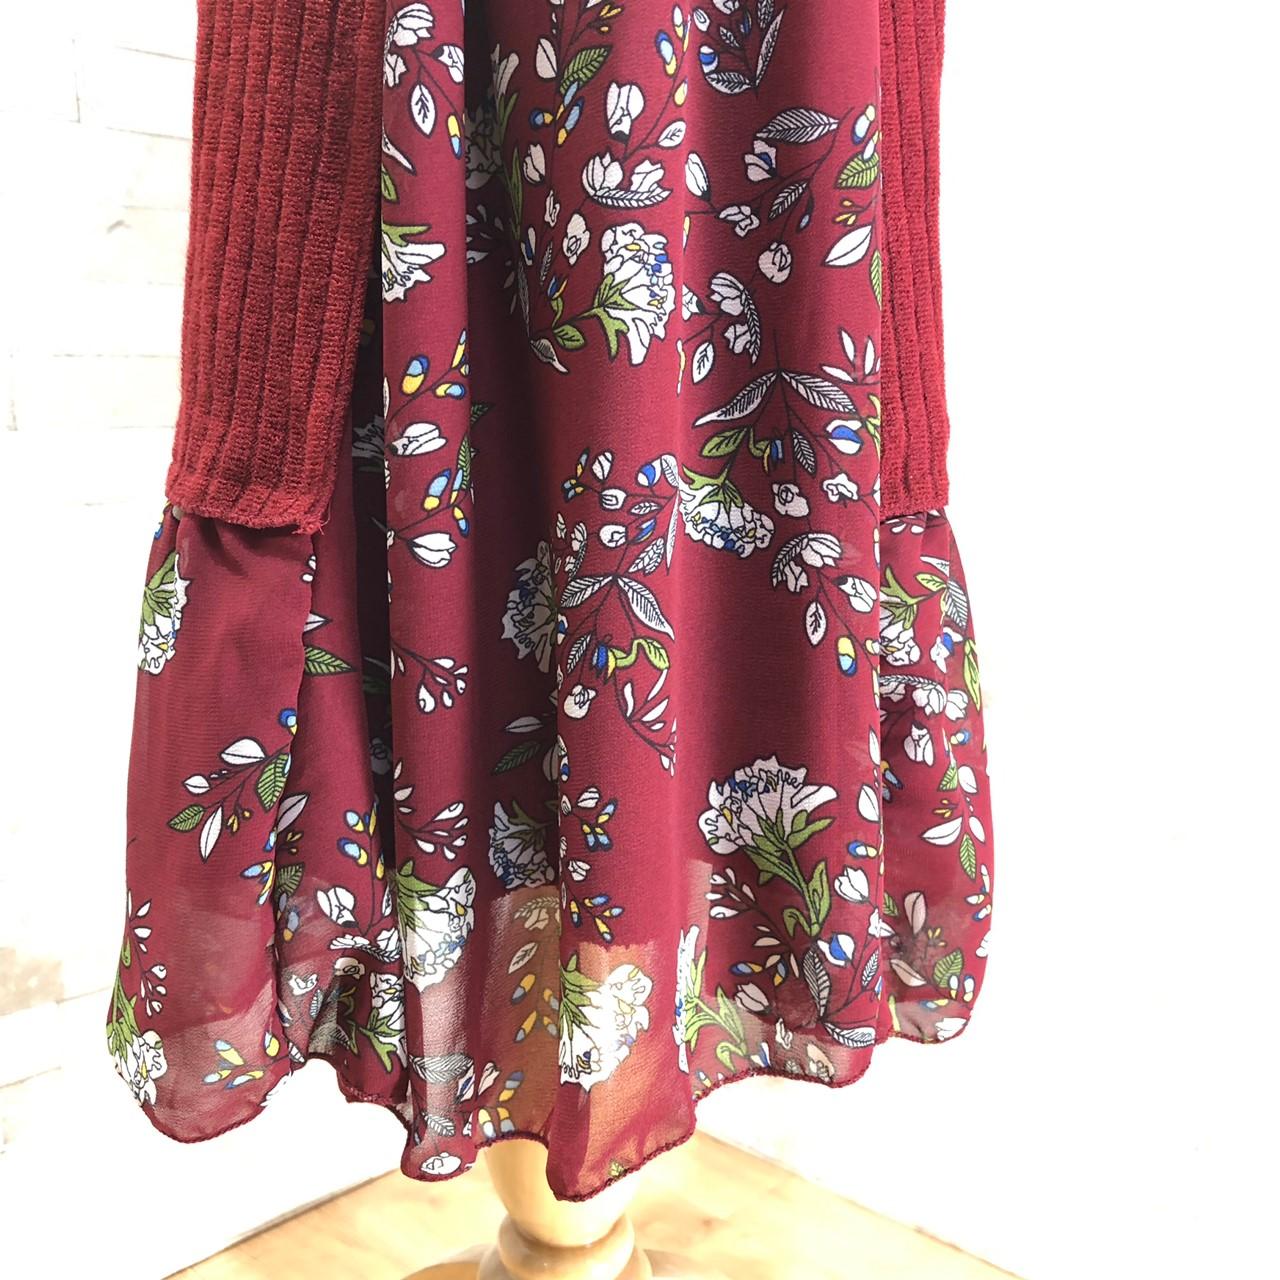 韓国 ファッション ワンピース パーティードレス ひざ丈 ミディアム 秋 冬 春 パーティー ブライダル PTXC498 結婚式 お呼ばれ ハイネック リブニット シフォン風 二次会 セレブ きれいめの写真16枚目